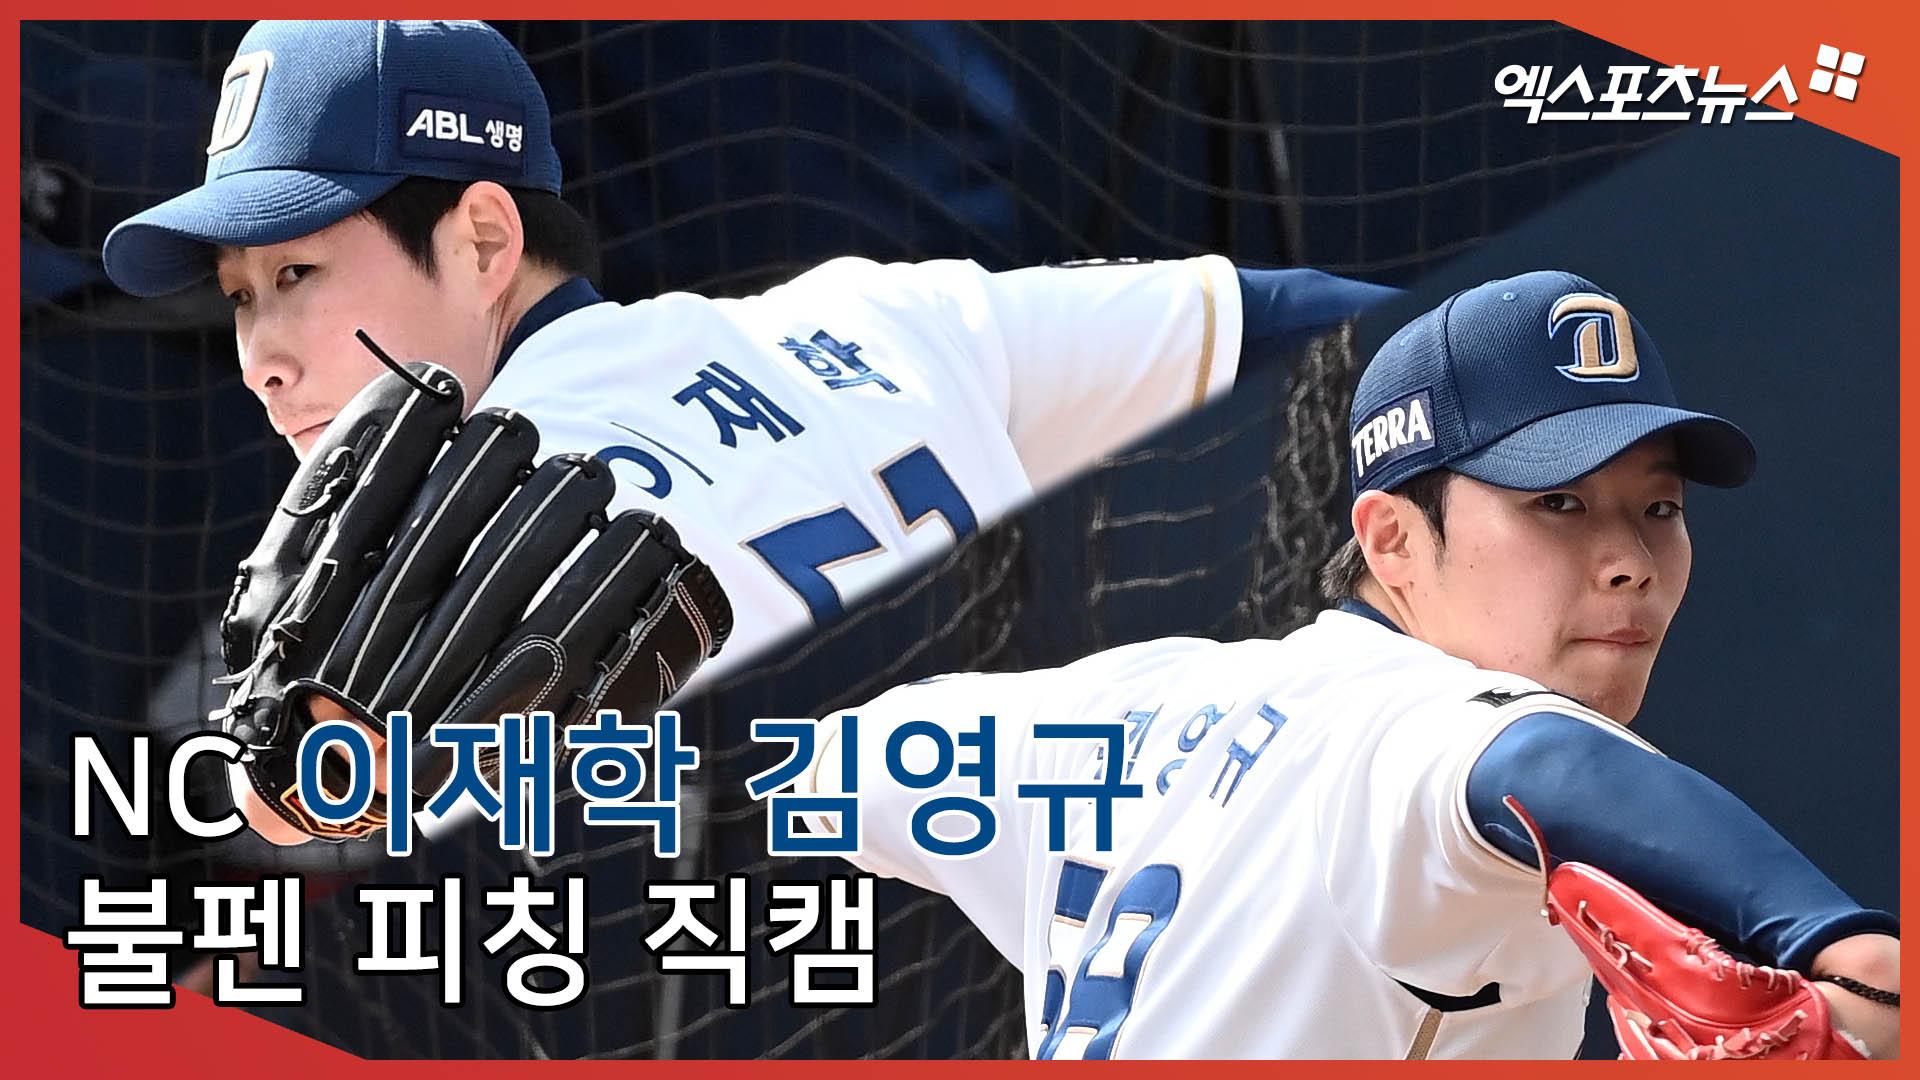 '선발 경쟁' NC 이재학-김영규, 불펜 피칭 직캠[엑's 스케치]